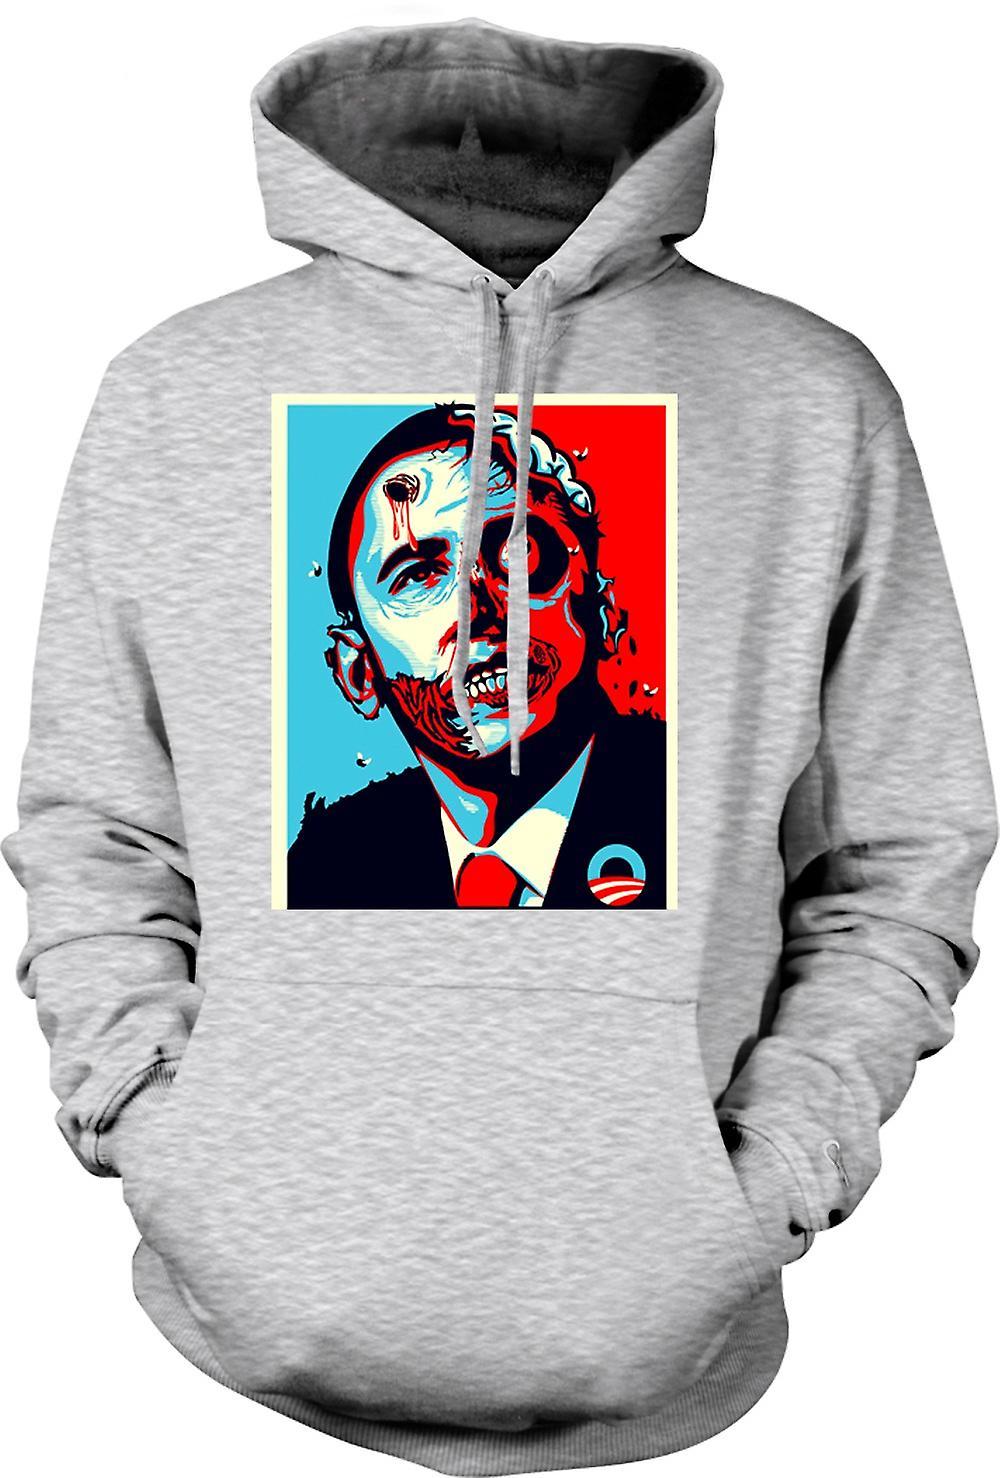 Mens Hoodie - Obama Zombie President - Funny